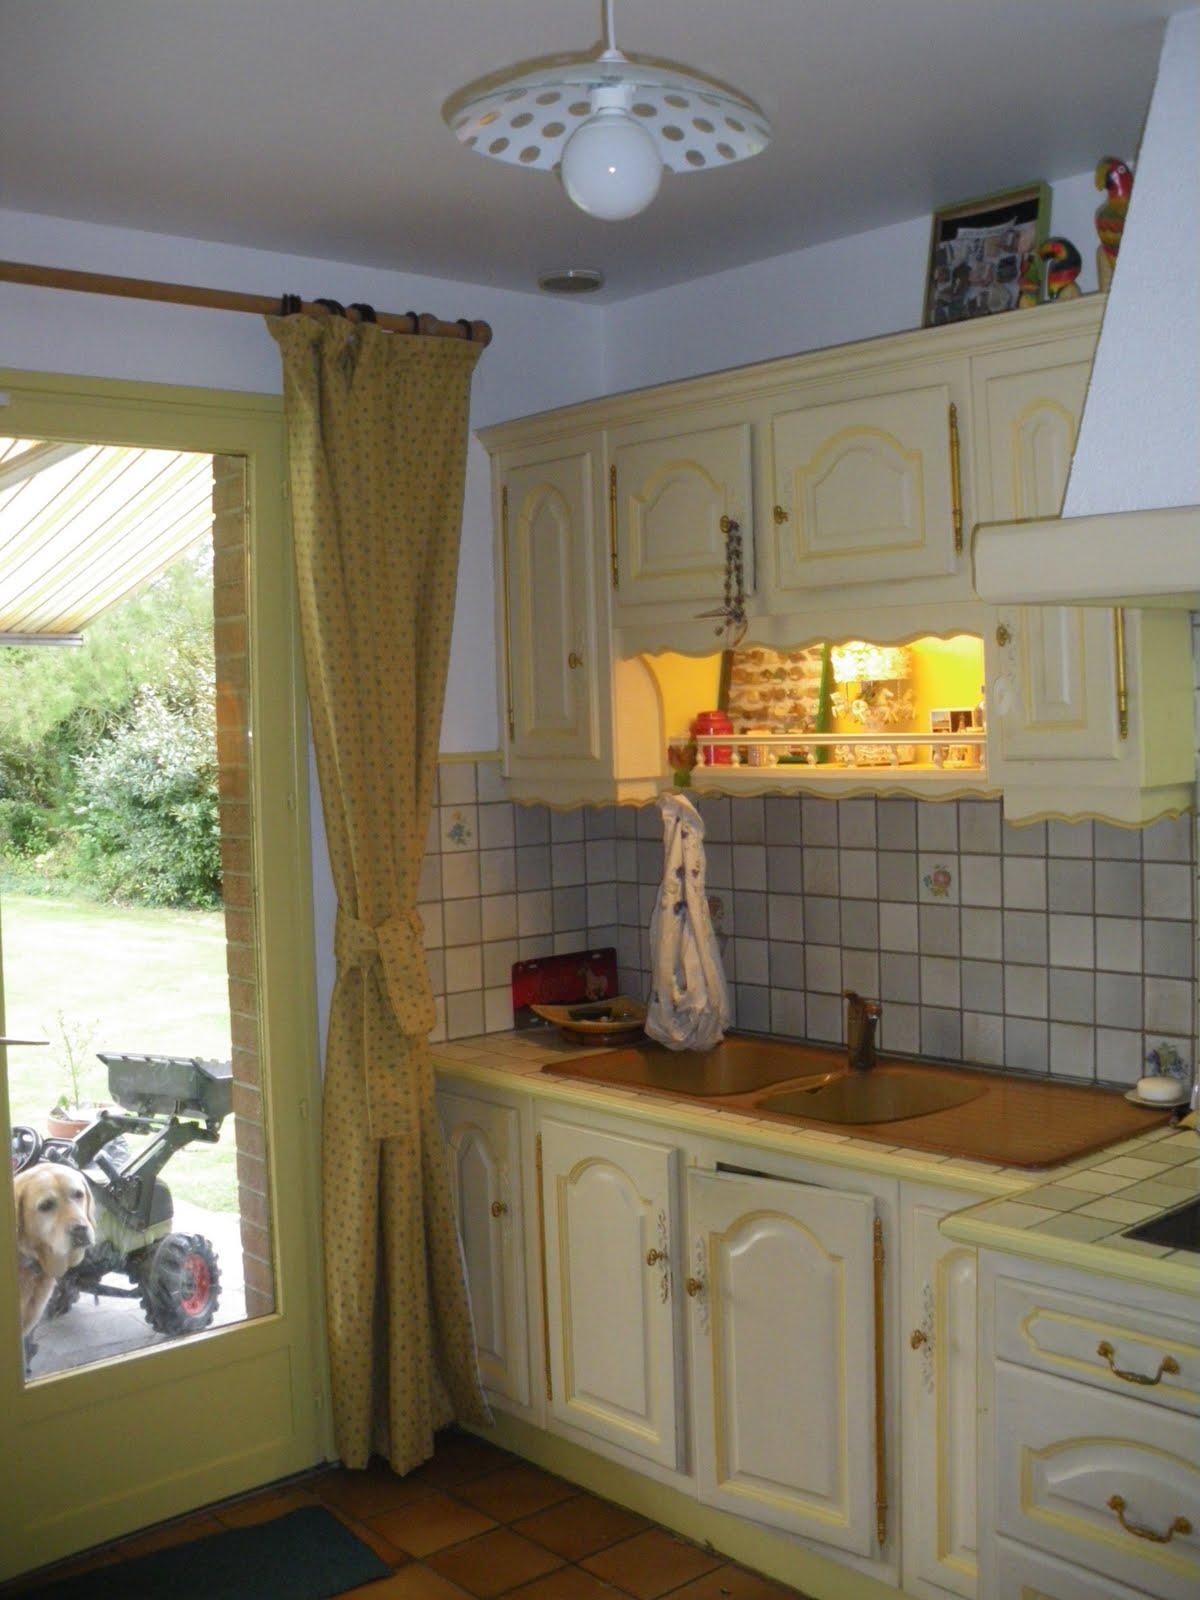 Les tr sors d 39 isa jolie cuisine jaune et blanche - Jolie cuisine ...